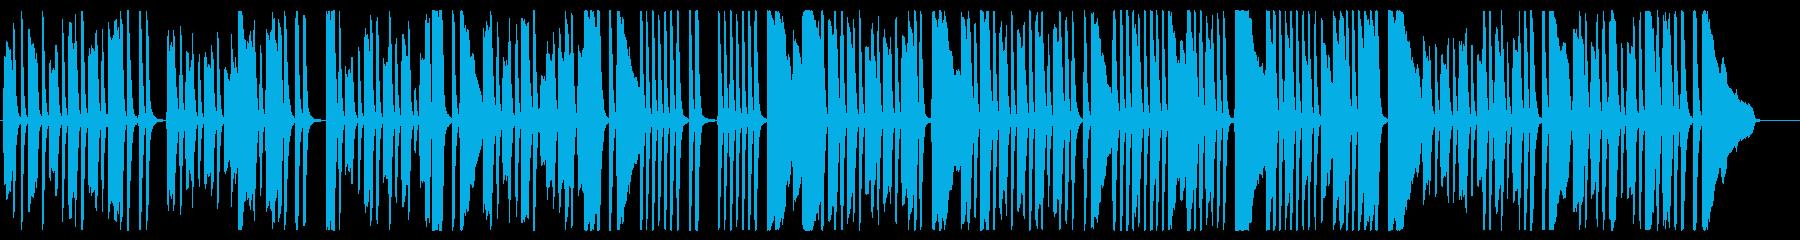 楽しげなピアノワルツの再生済みの波形